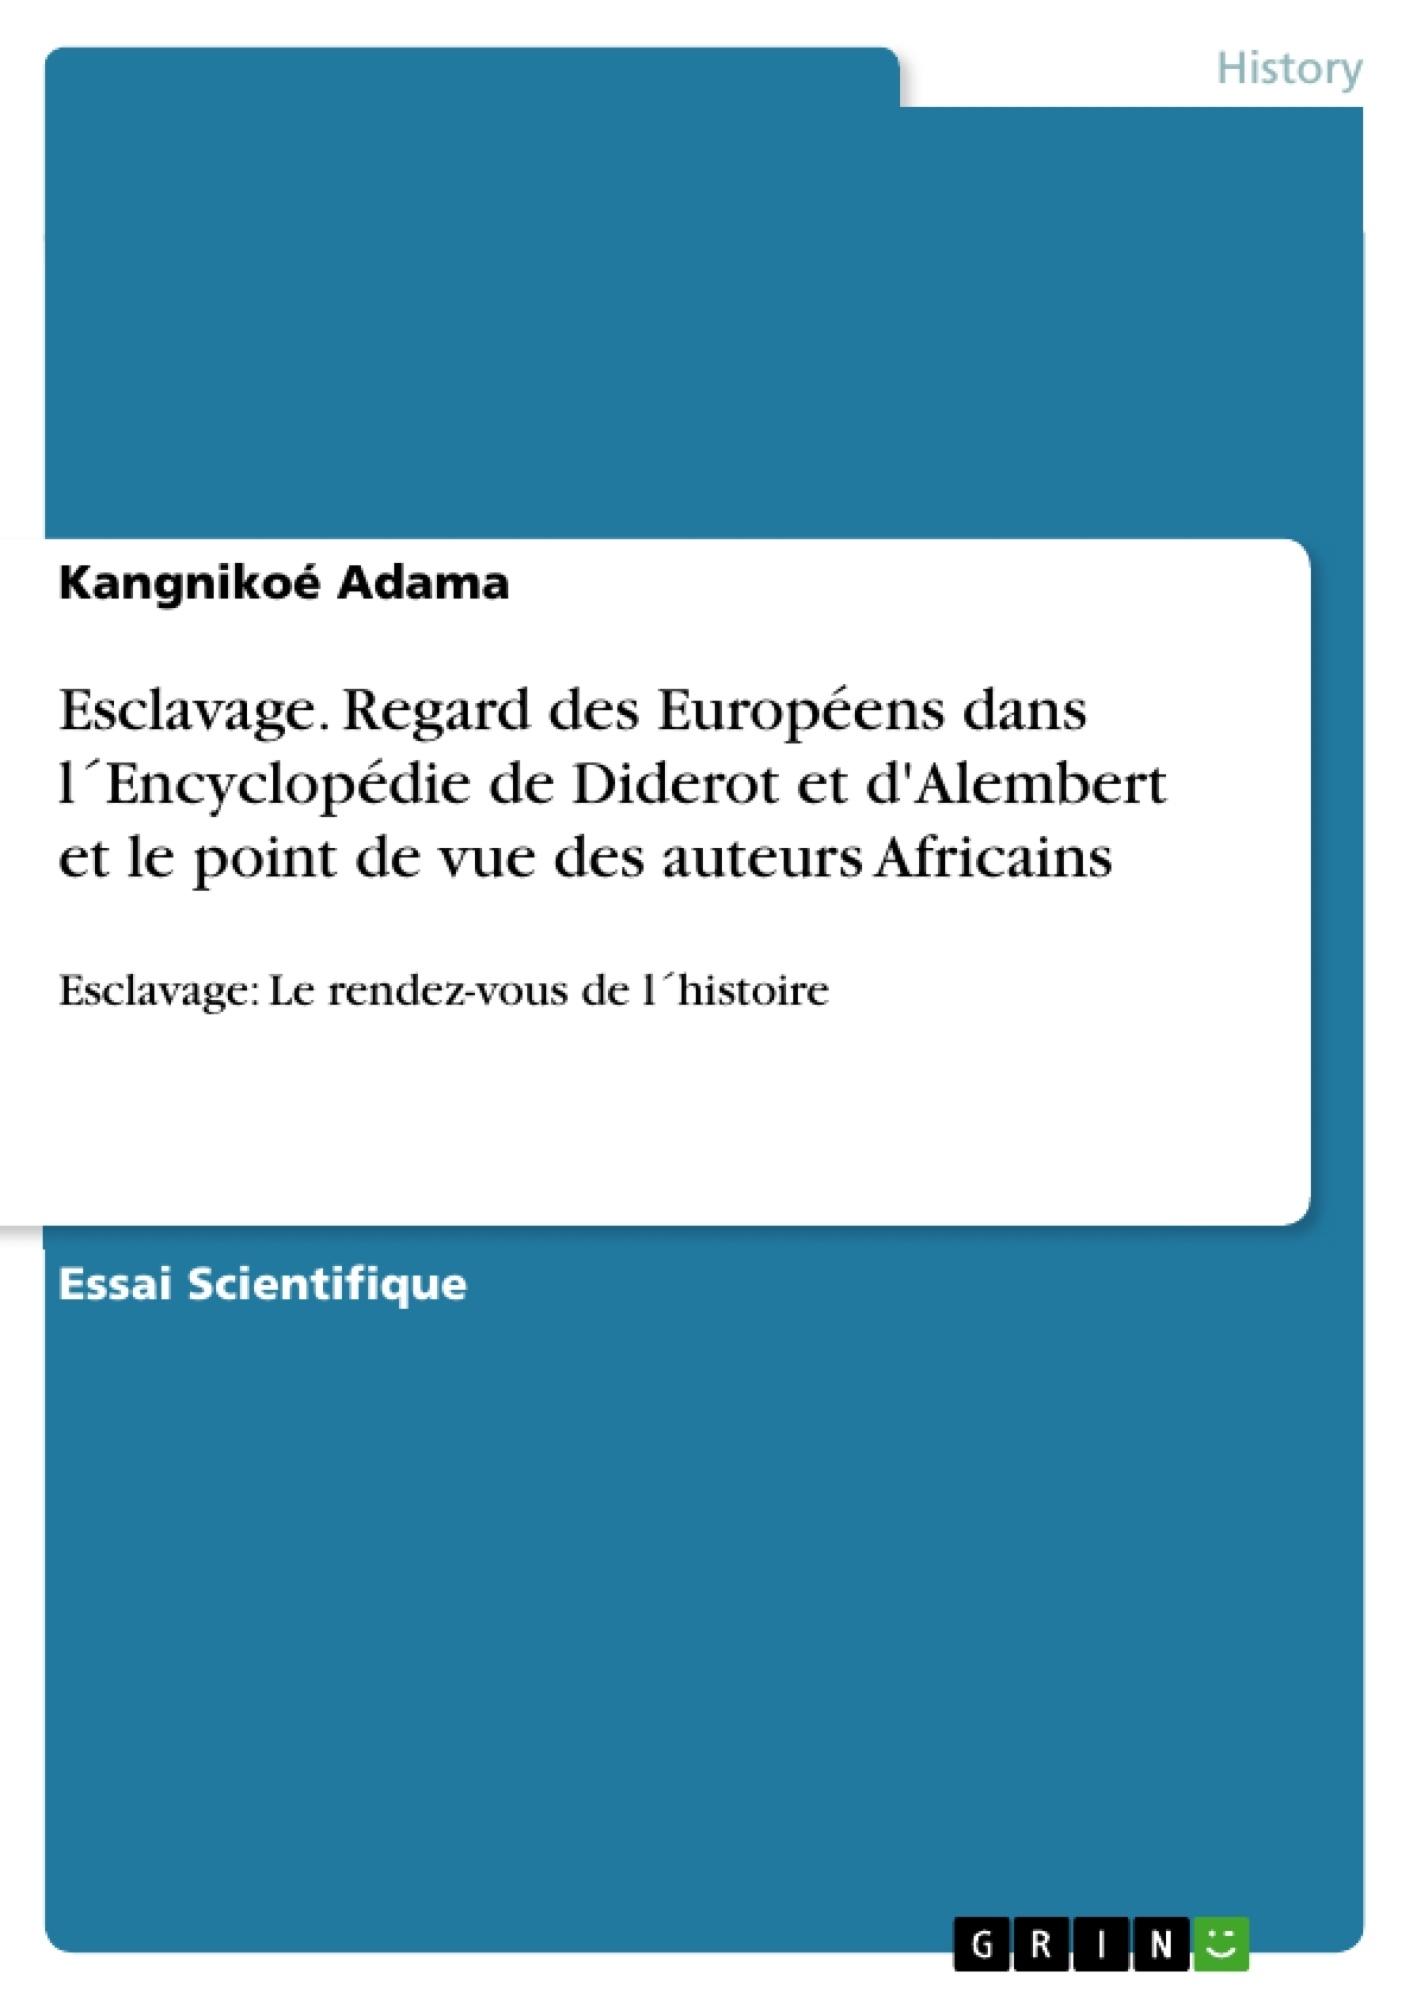 Titre: Esclavage. Regard des Européens dans l´Encyclopédie de Diderot et d'Alembert et le point de vue des auteurs Africains